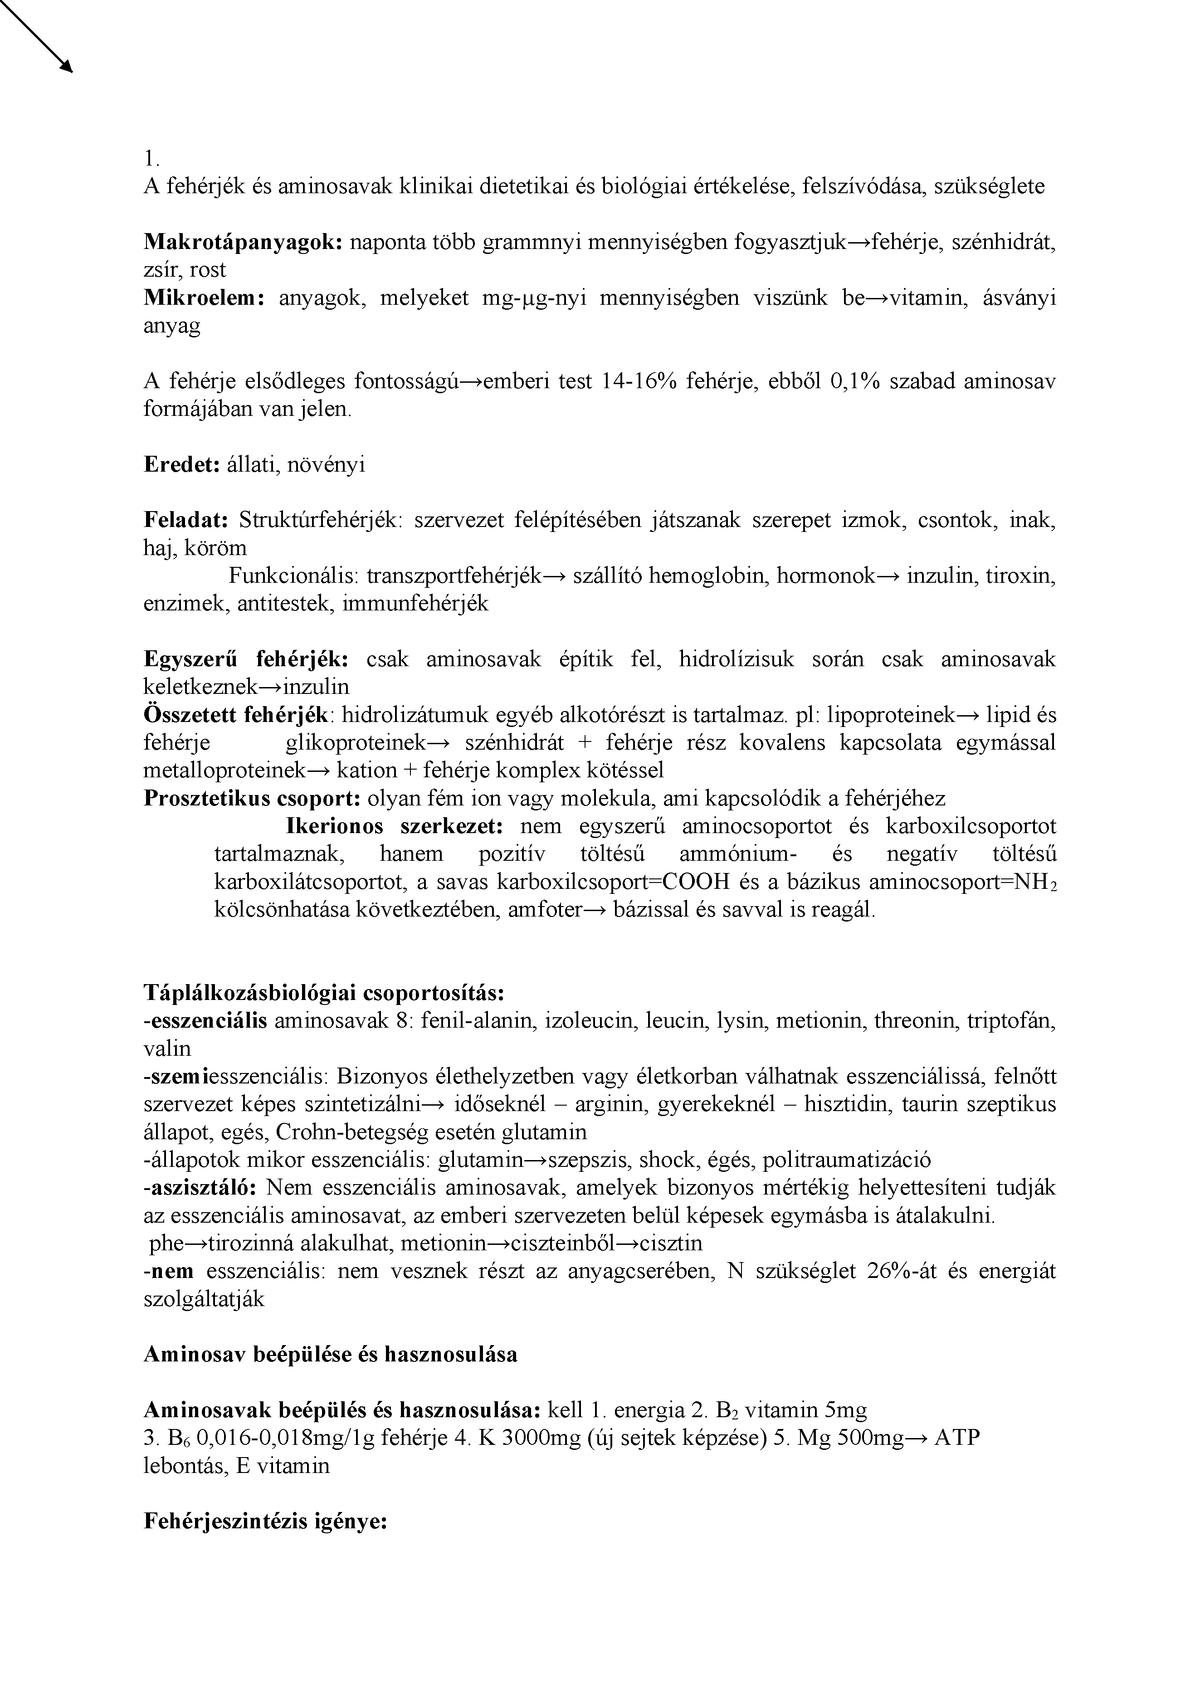 sárga golyós zsírégető felülvizsgálata)